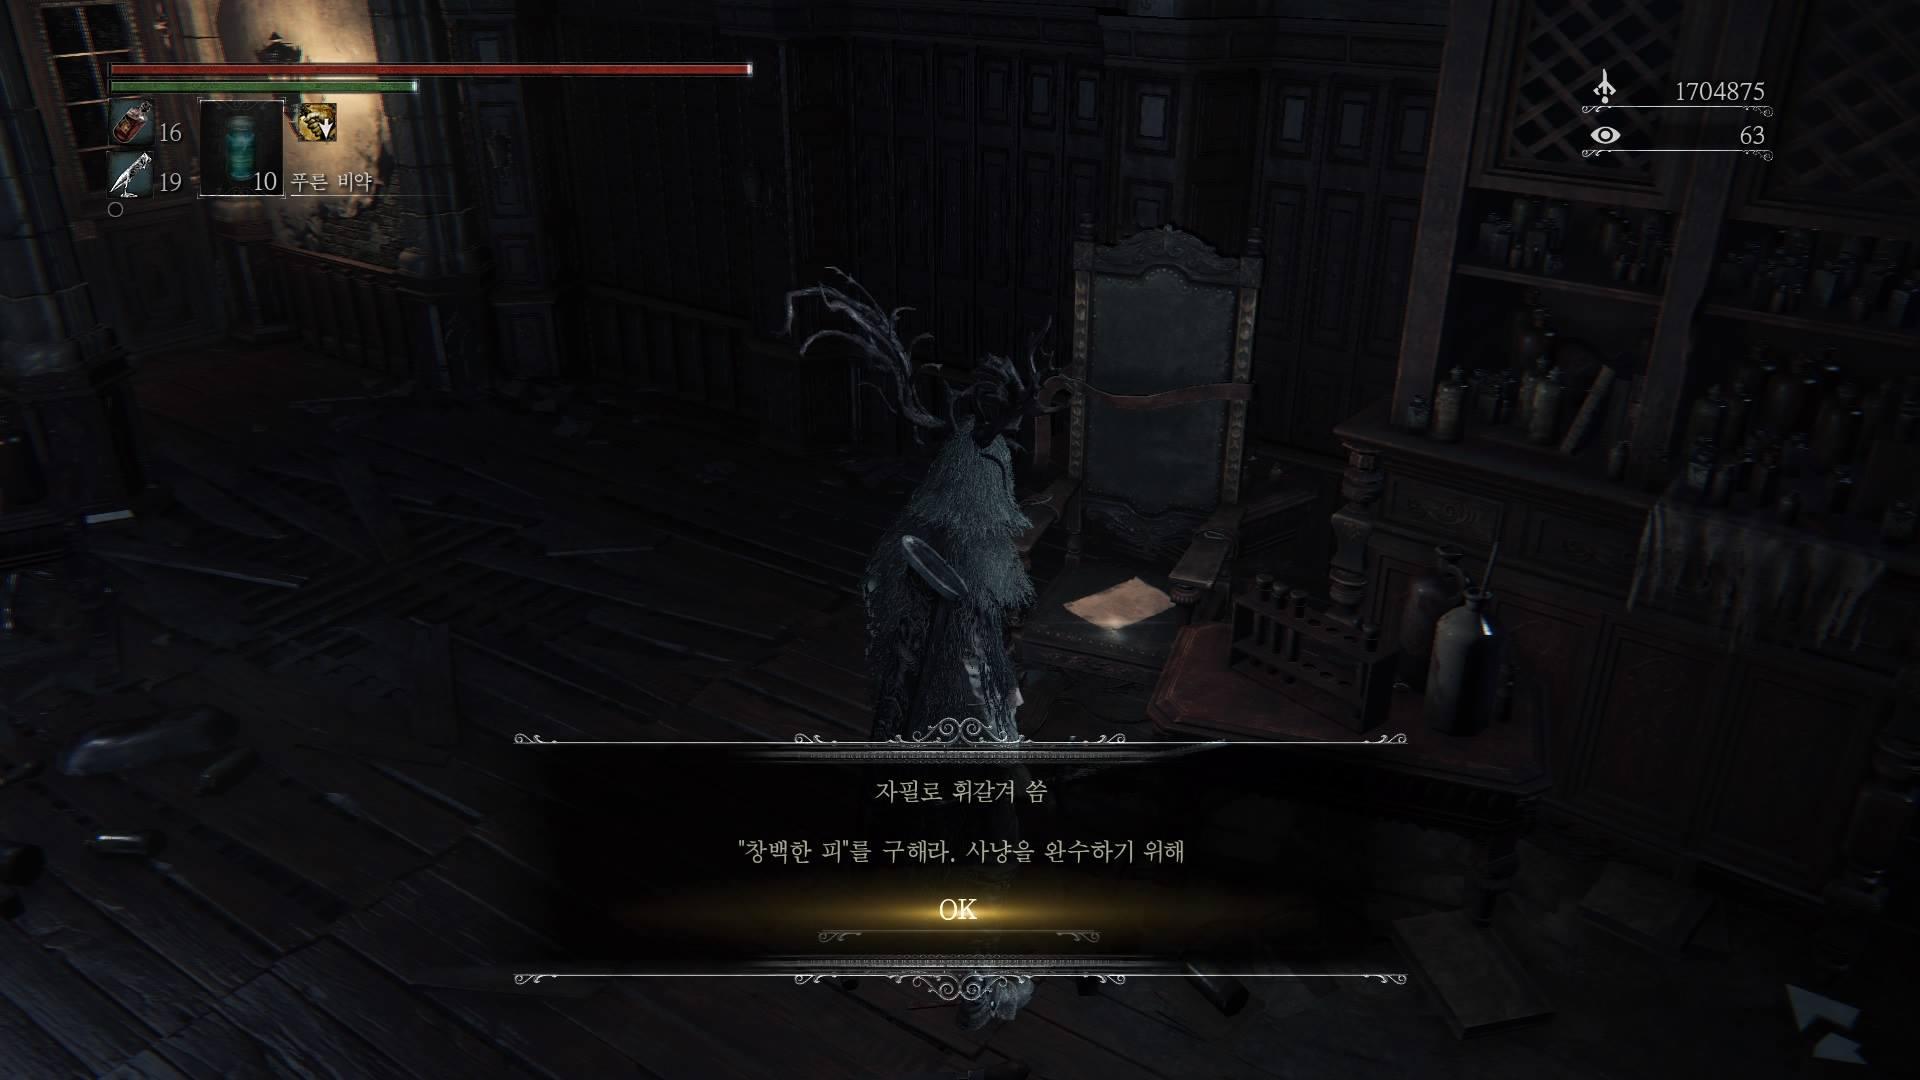 PS4 - 블러드본 7회차 클리어